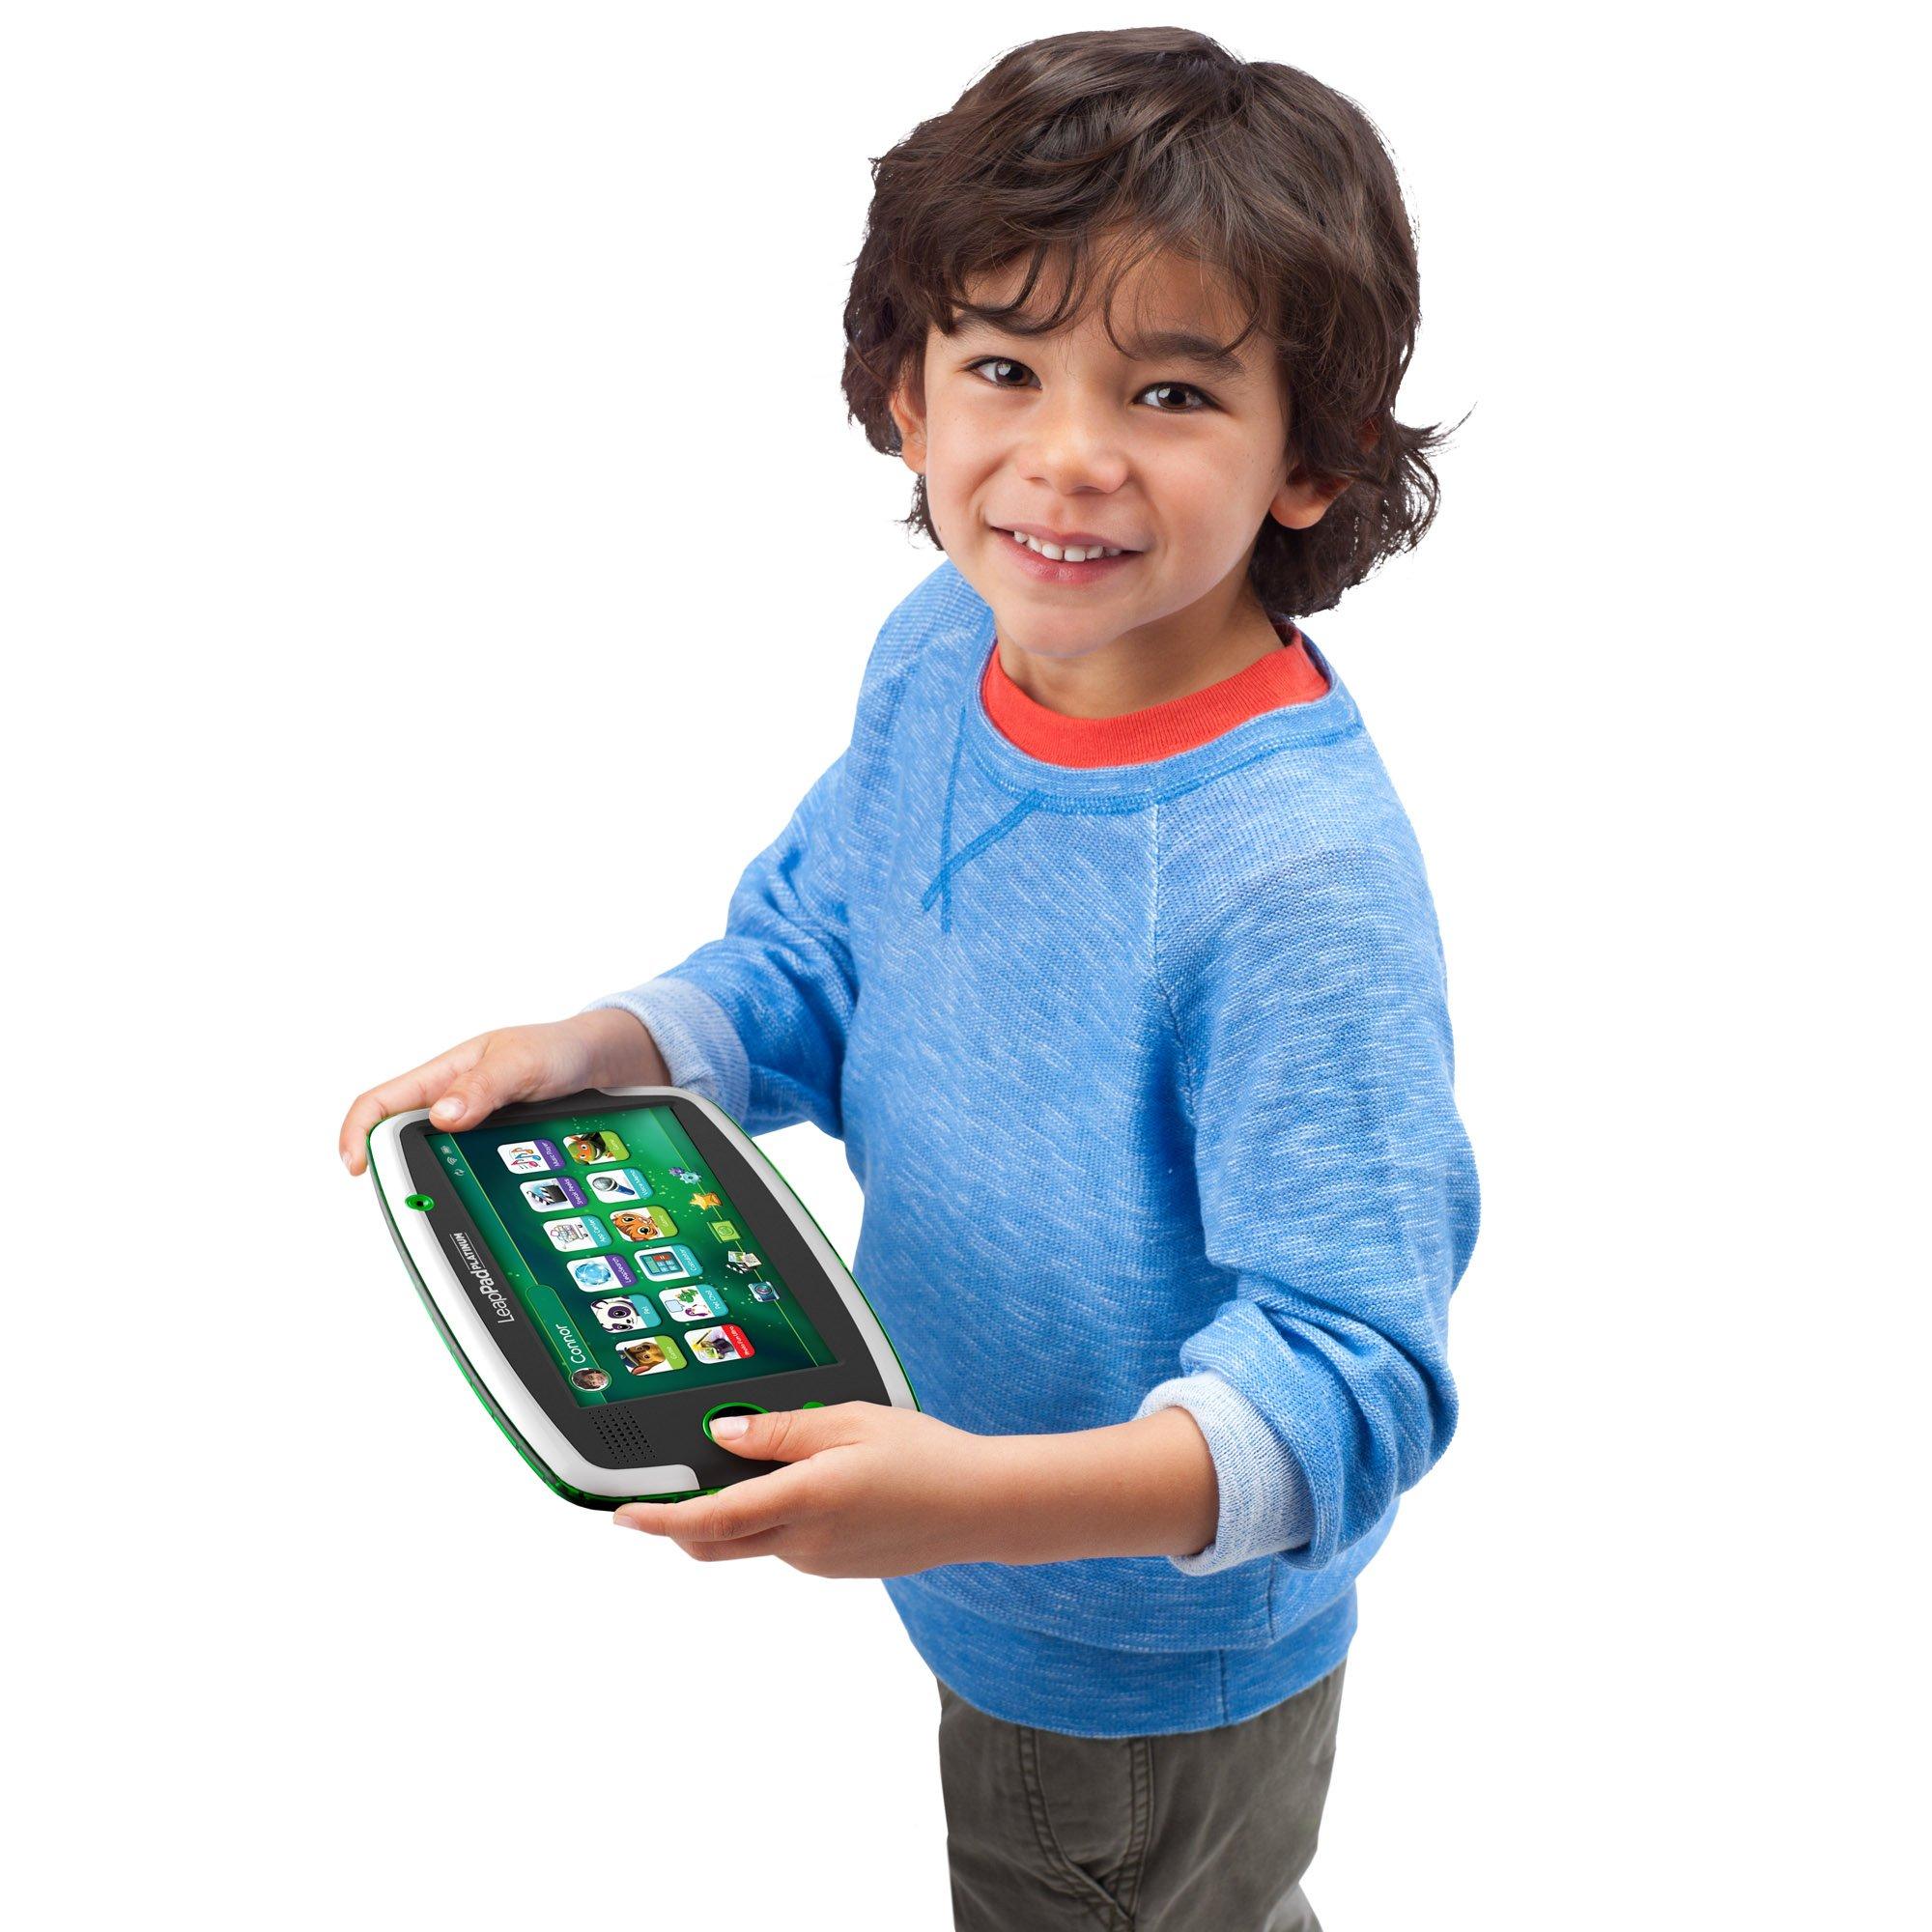 LeapFrog LeapPad Platinum Kids Learning Tablet, Green by LeapFrog. (Image #20)